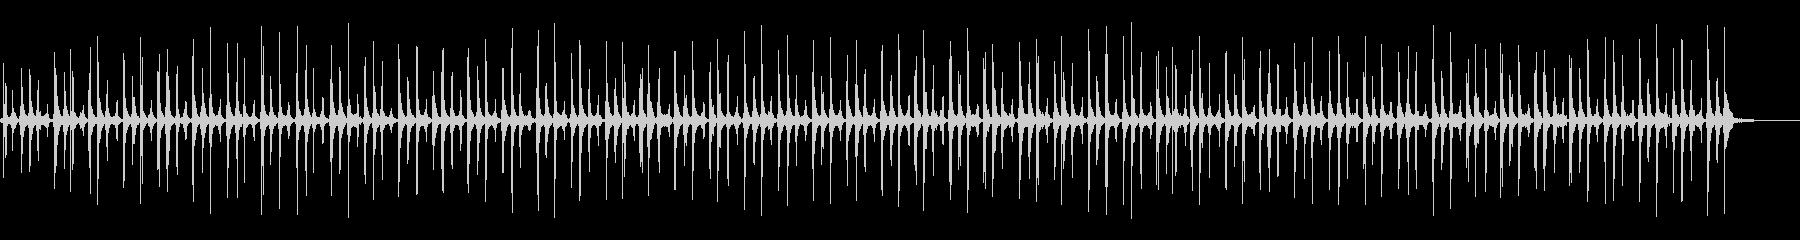 ラテン火山のパーカッショングルーブ...の未再生の波形